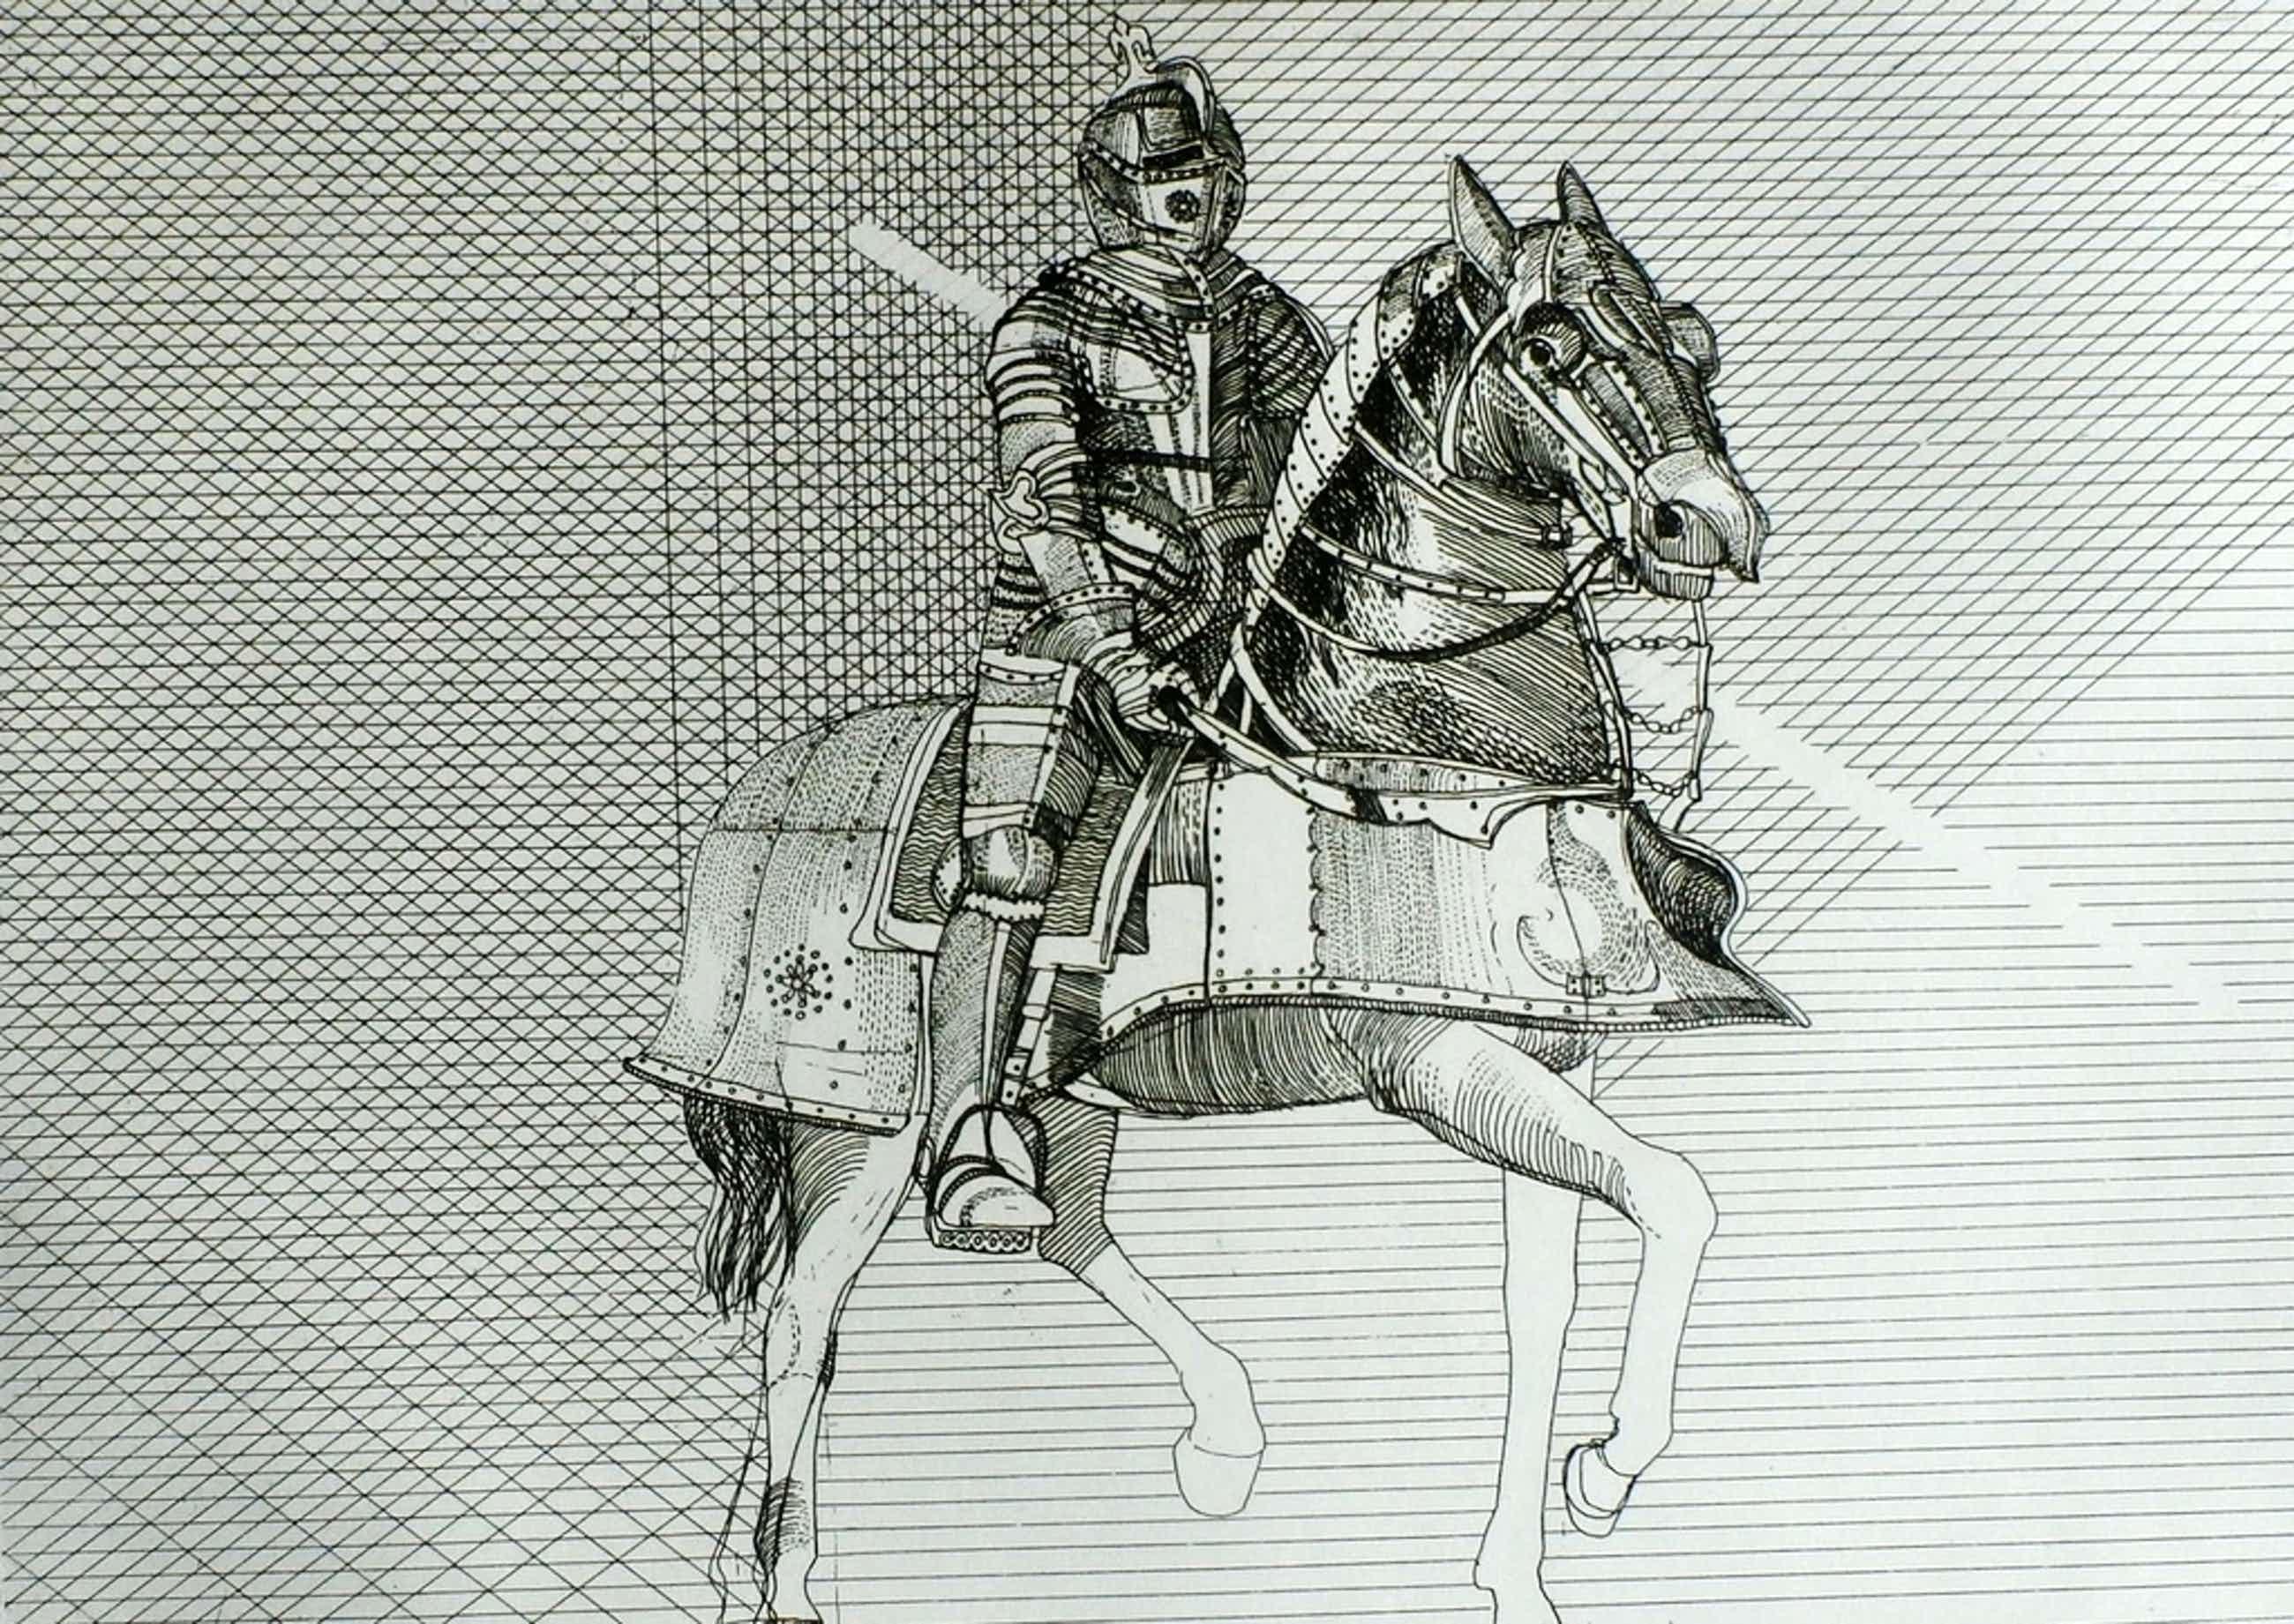 Aat verhoog - ets: ridder op paard - 1971 kopen? Bied vanaf 50!